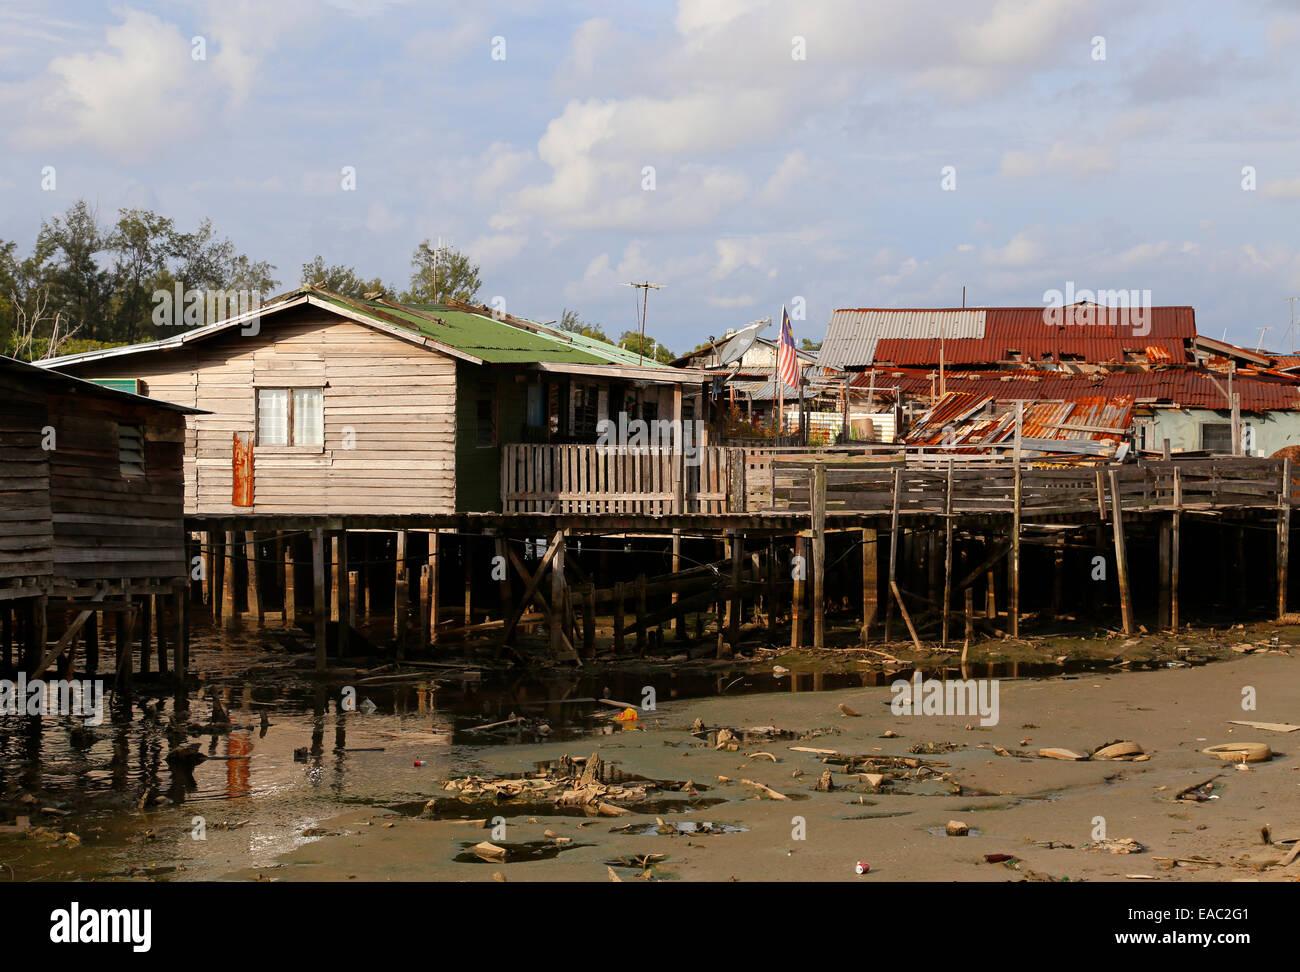 Malay Kampung - Malay village - on the river Miri in Miri, Sarawak, Malaysia - Stock Image